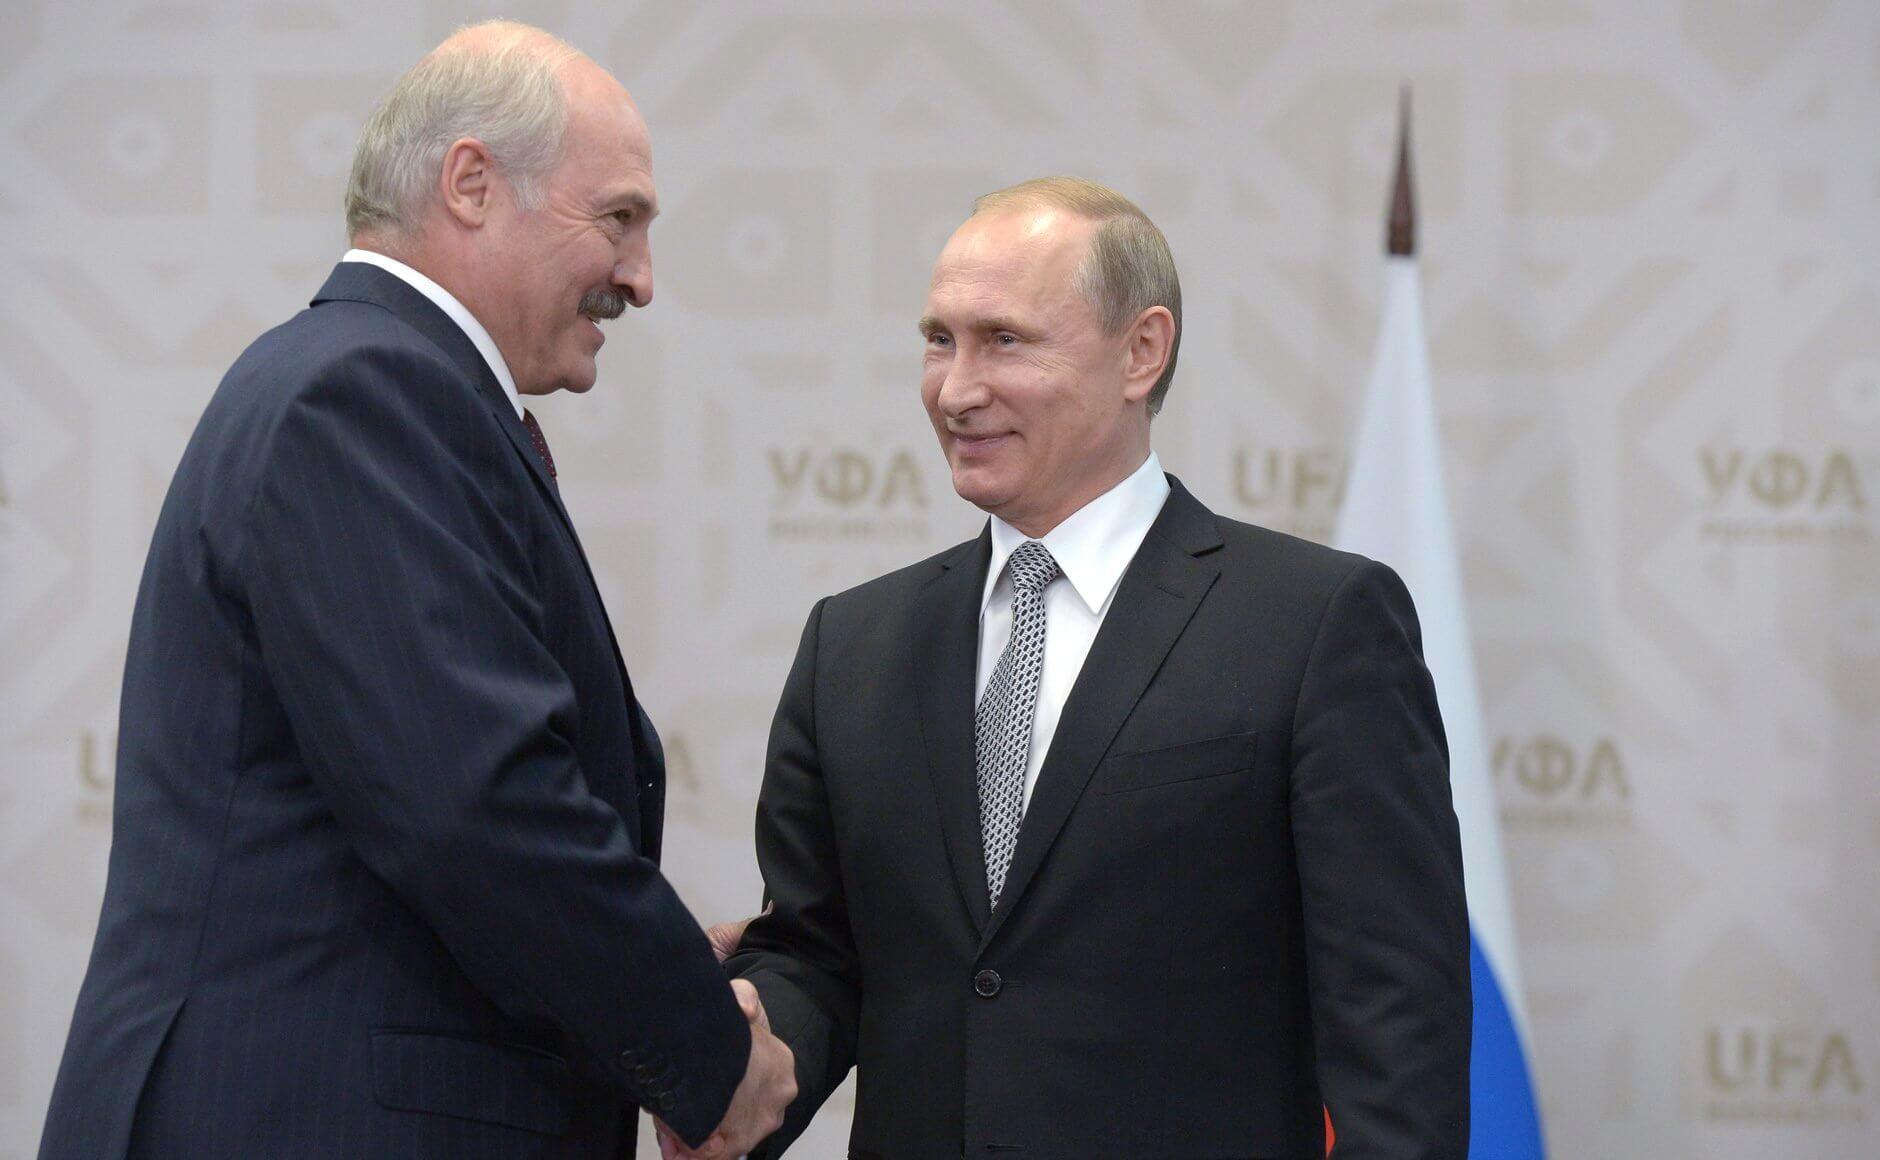 На фото изображен Владимир Путин и Александр Лукашенко.